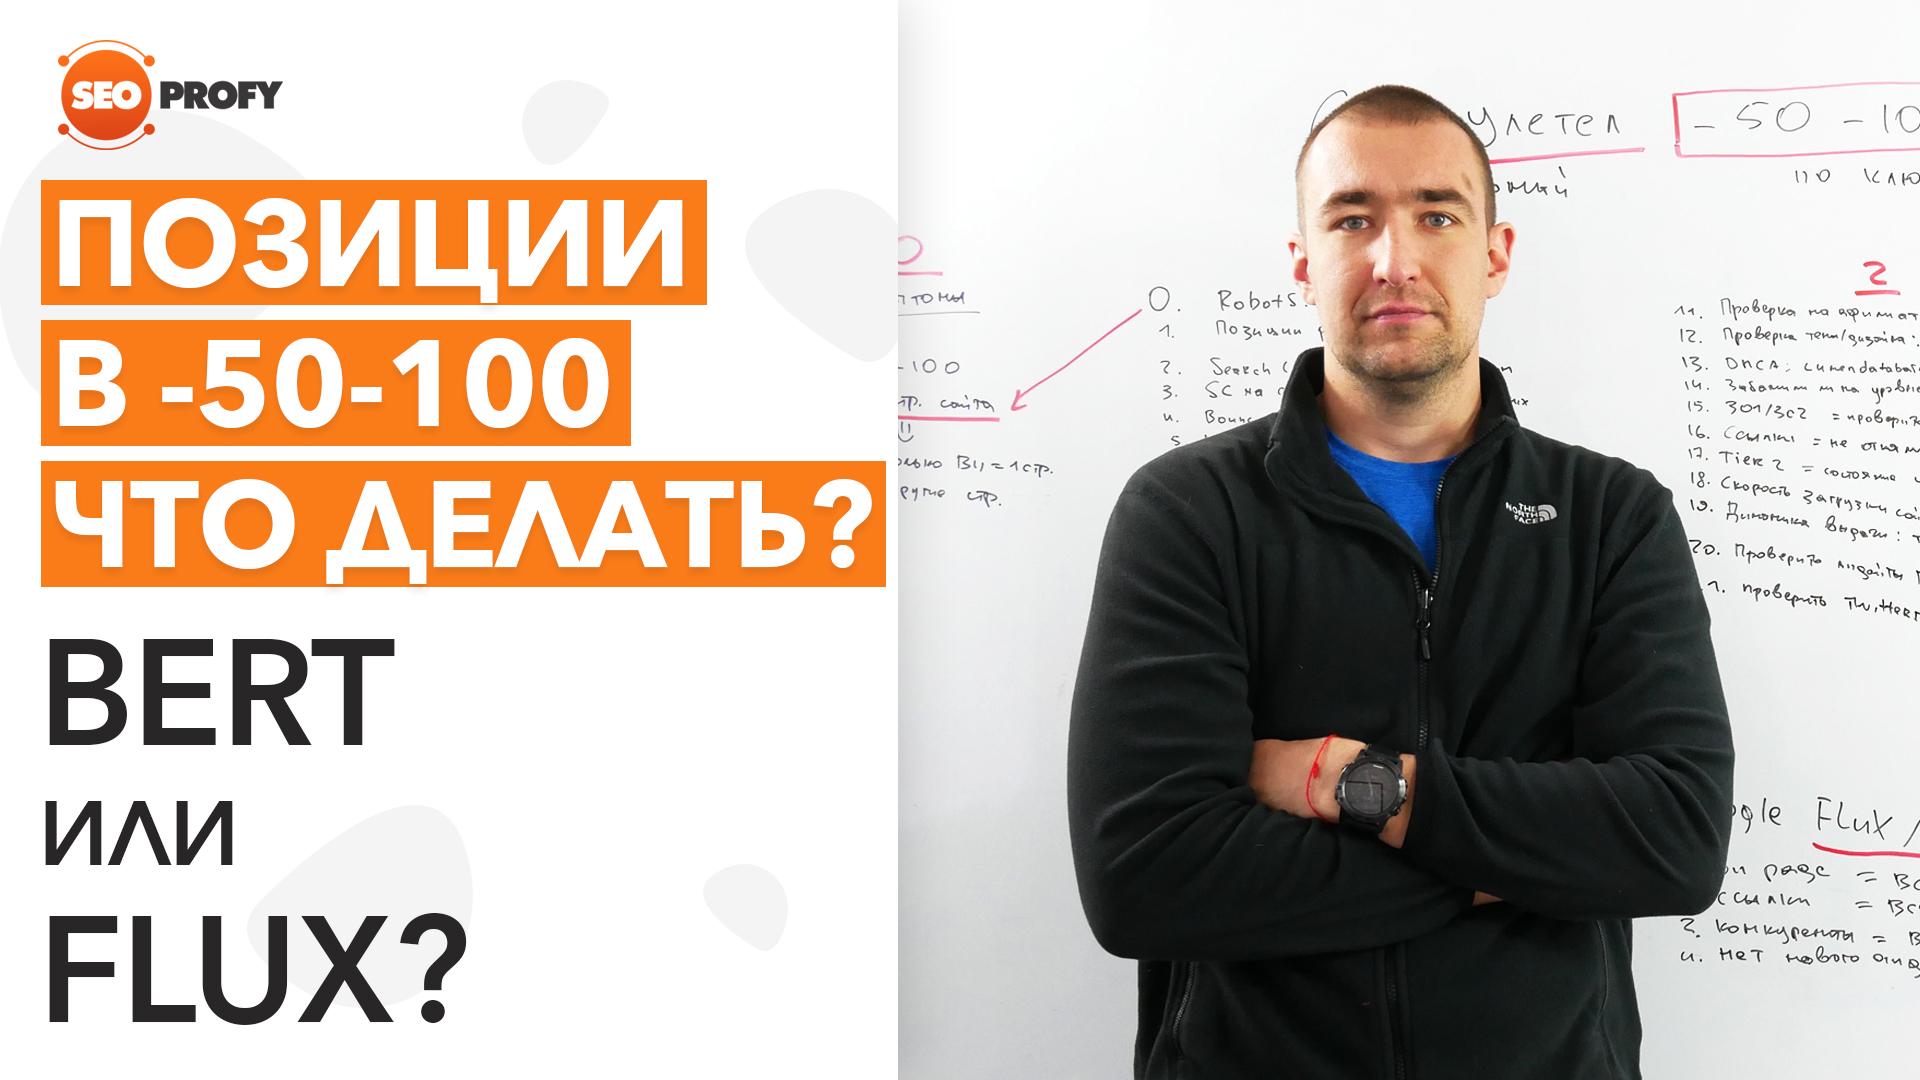 Сайт улетел в -50-100 позиций, что делать? Google Bert или Flux